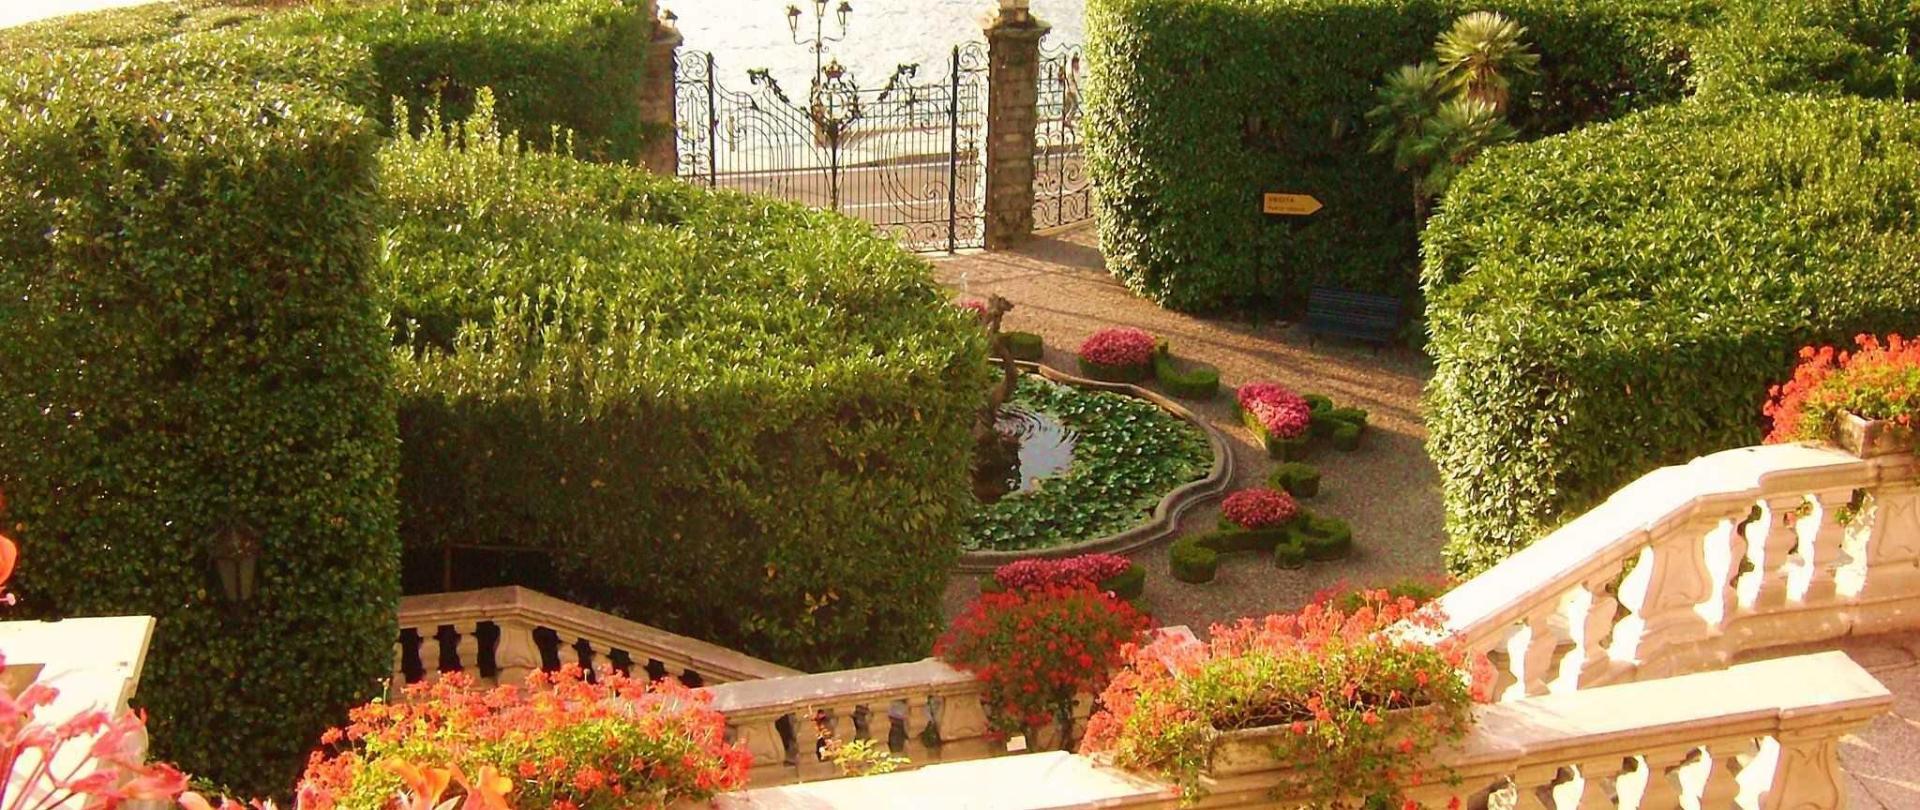 glicine-house-villa-carlotta-garden-1.jpg